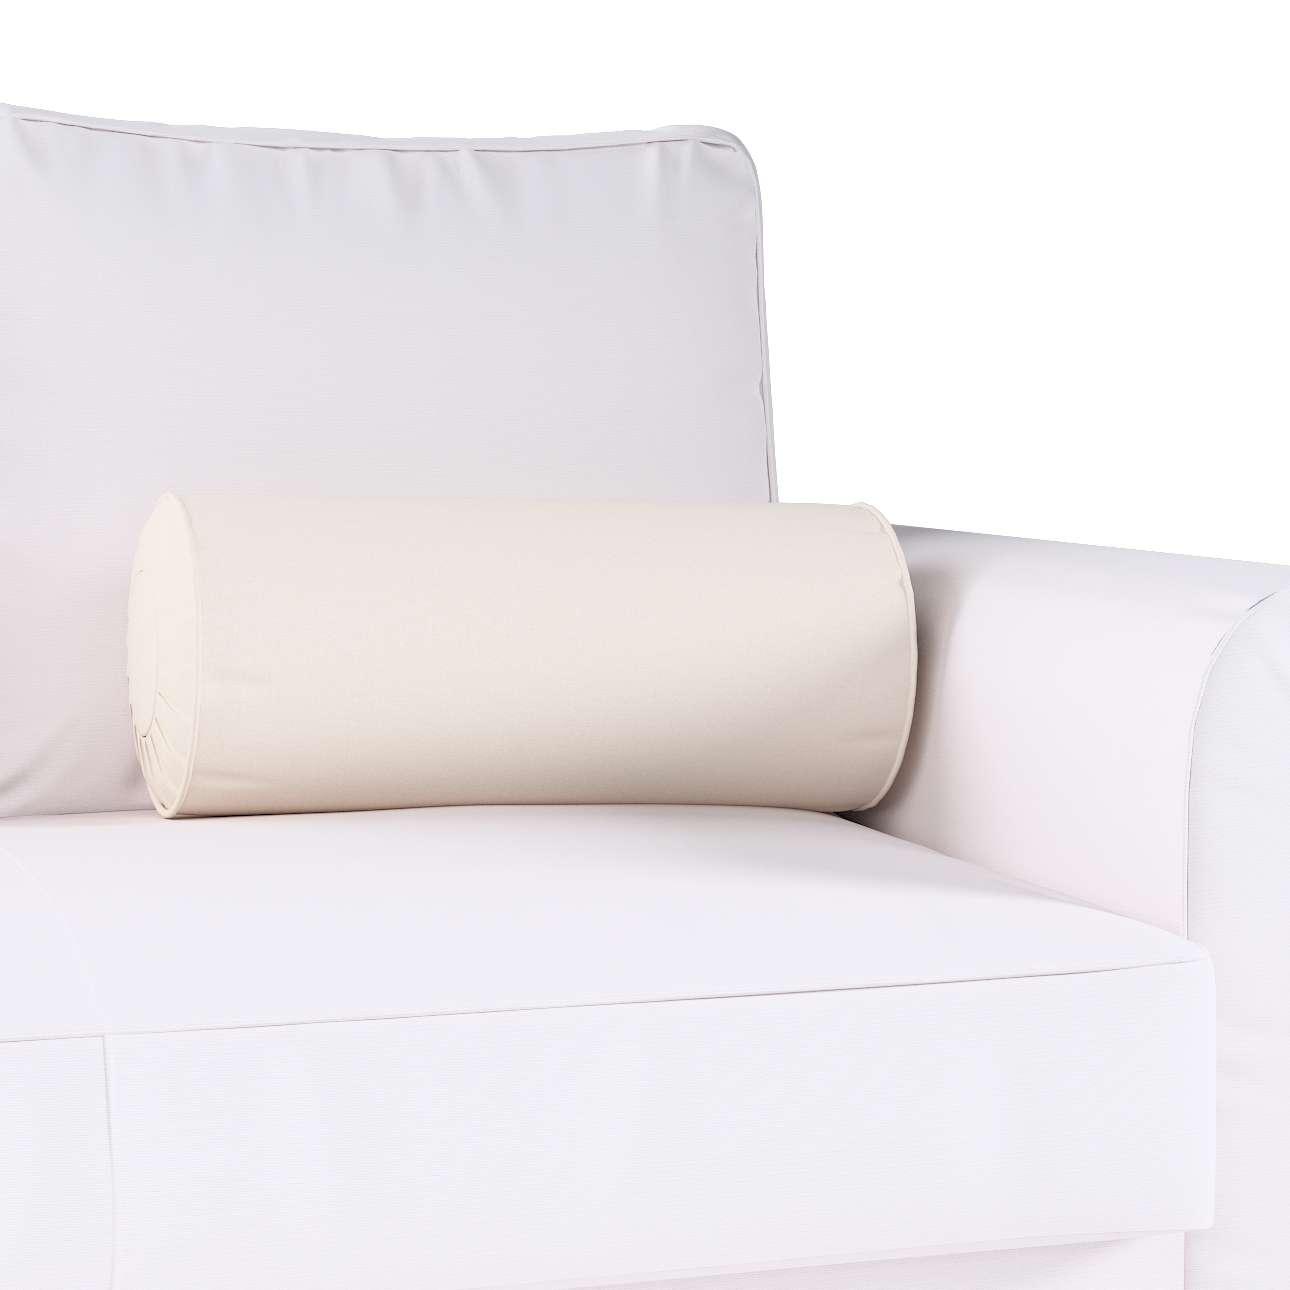 Nakkepute med folder fra kolleksjonen Etna - Ikke for gardiner, Stoffets bredde: 705-01